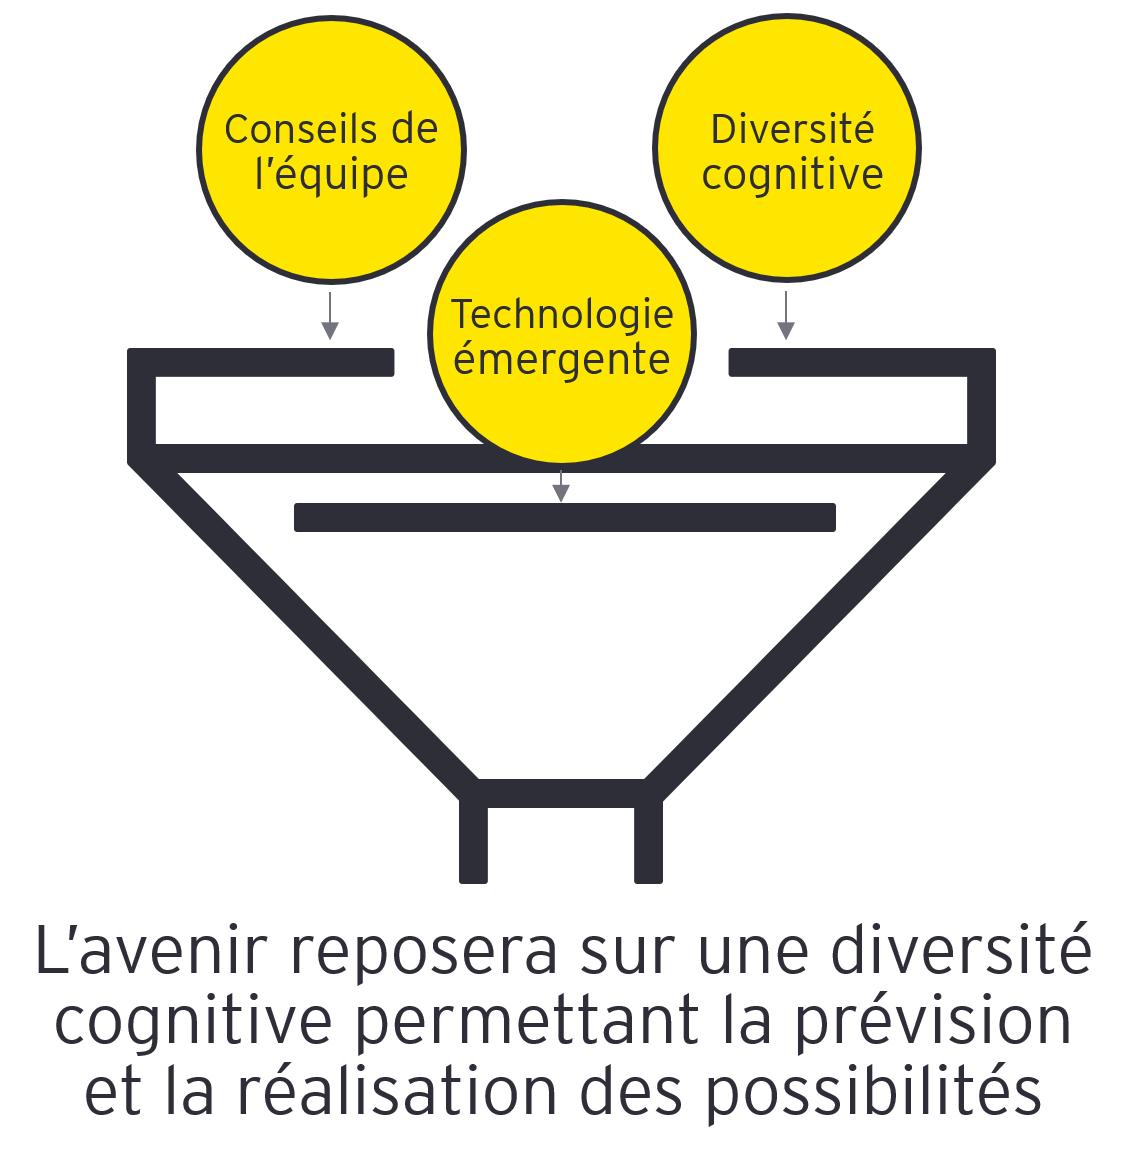 EY ‑ Possibilités de diversité cognitive